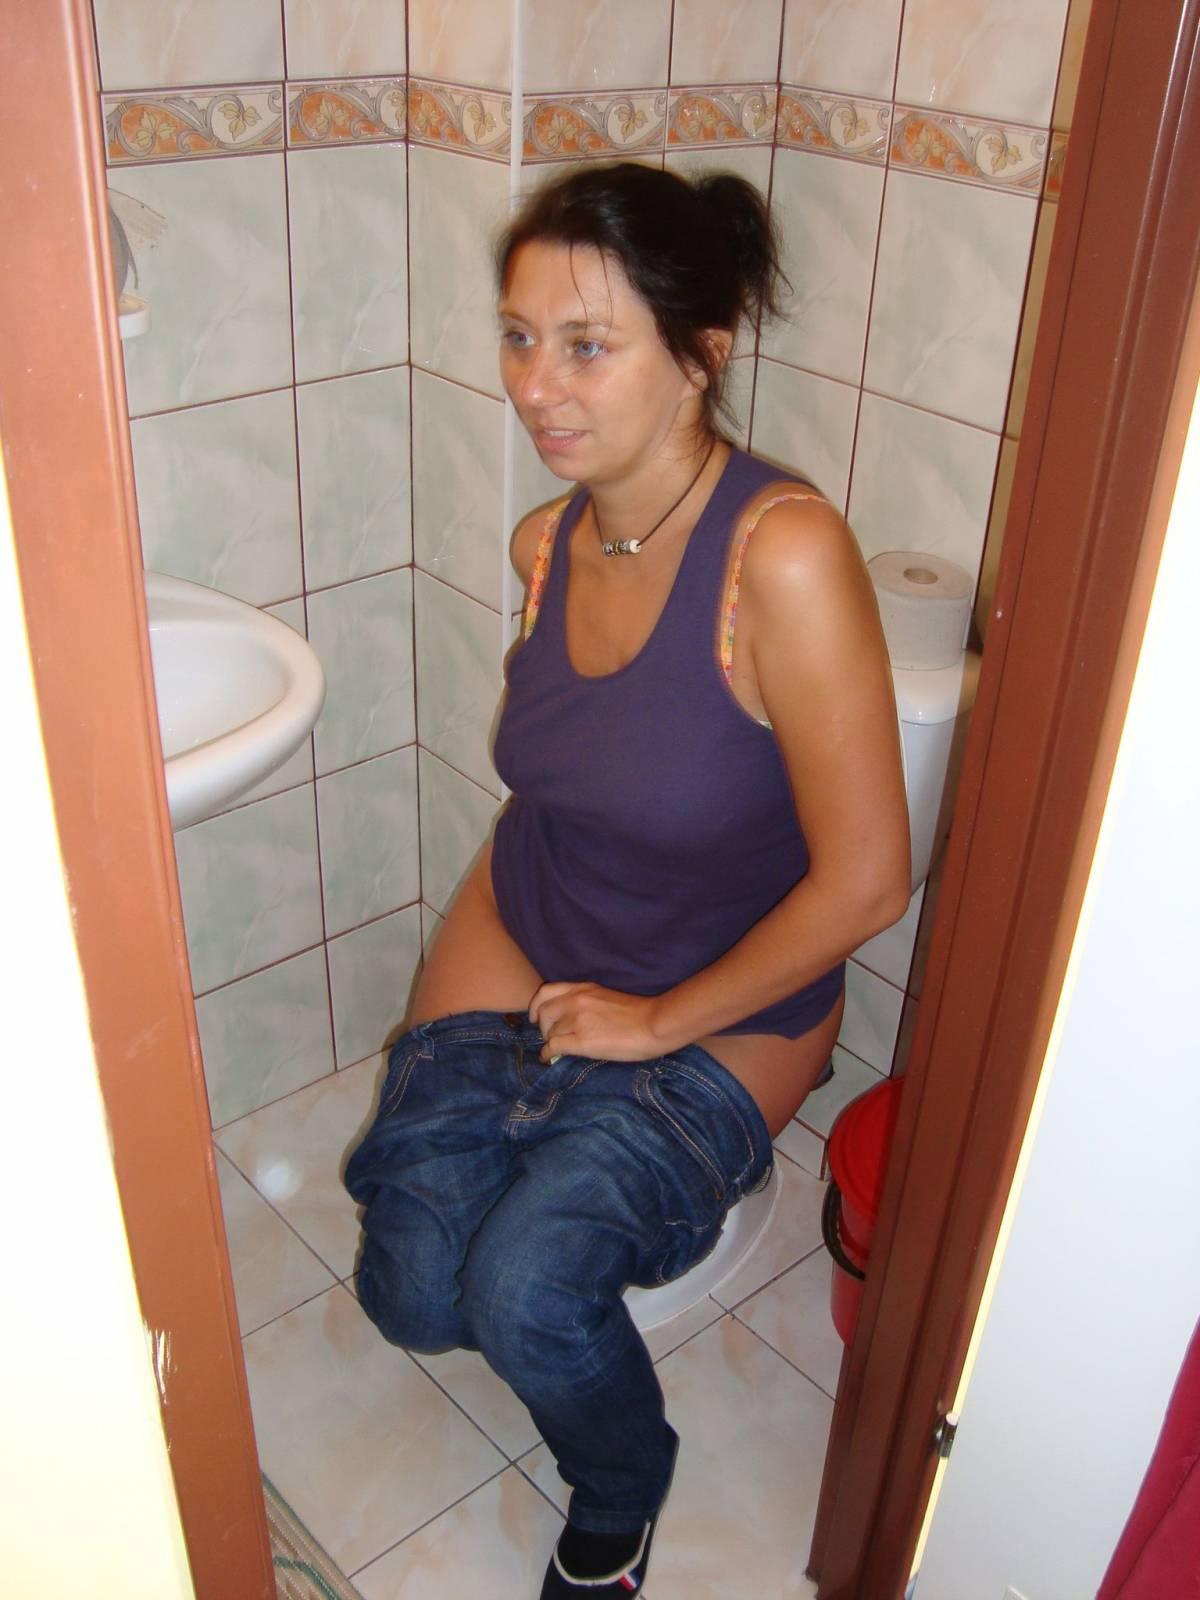 Засветила в туалете видео подгляд